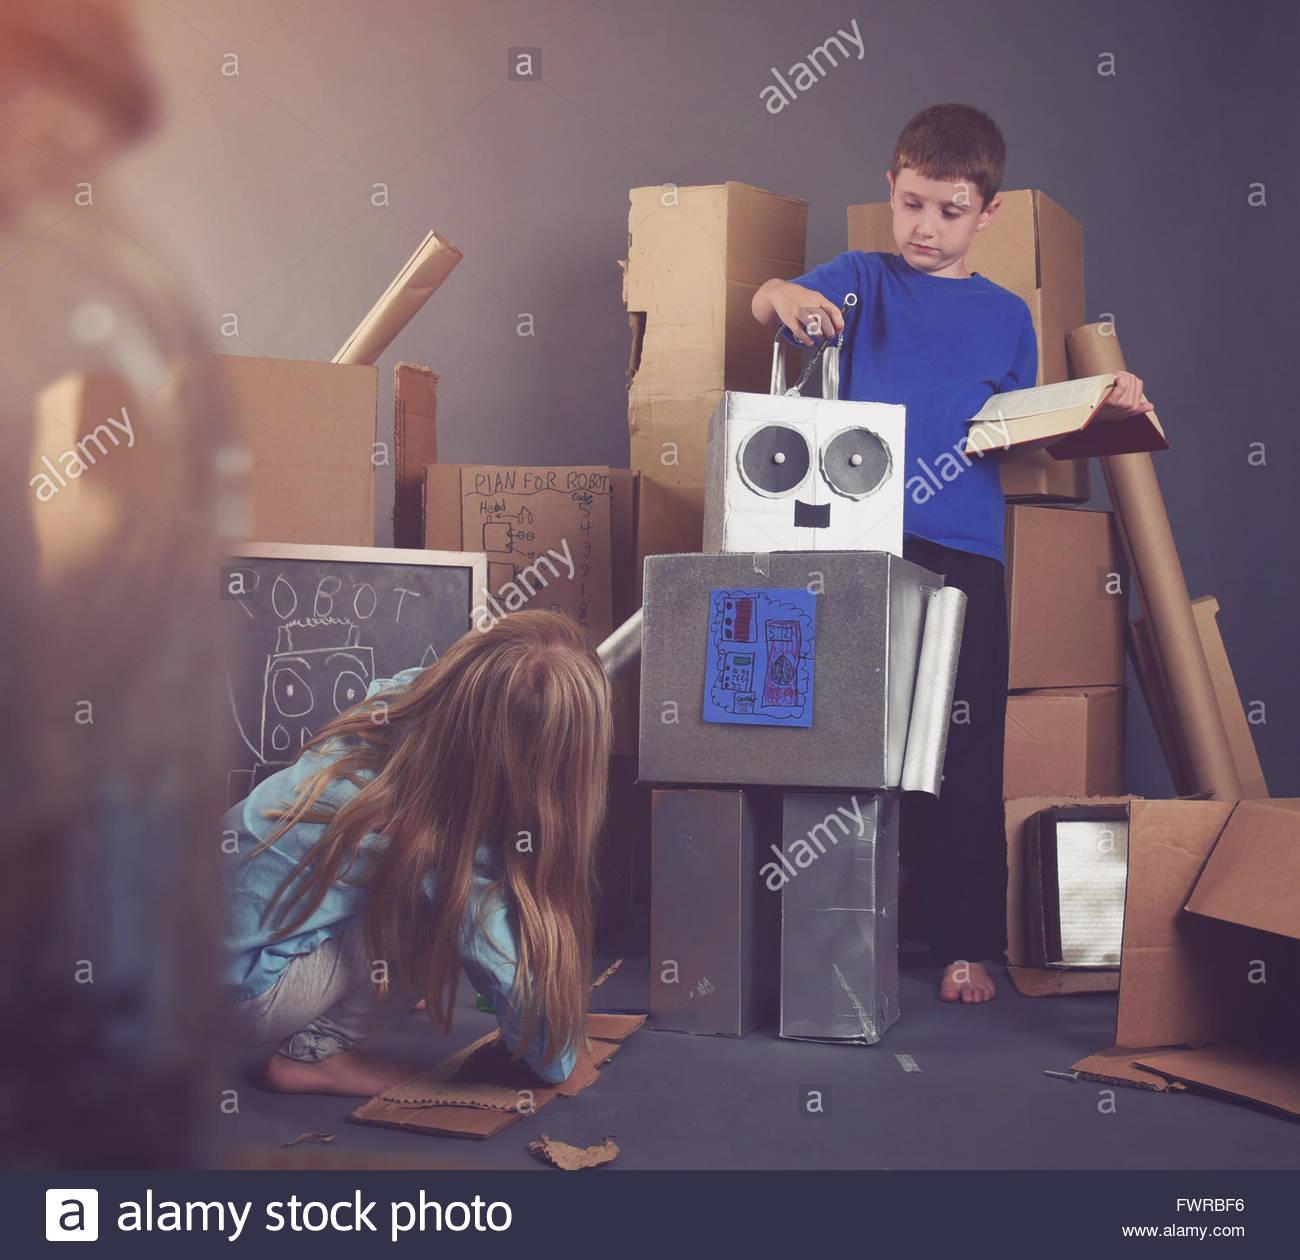 Zwei Kinder bauen einen Metall Roboter mit Werkzeugen und Bücher für eine Fantasie, Wissenschaft und Bildung Stockbild